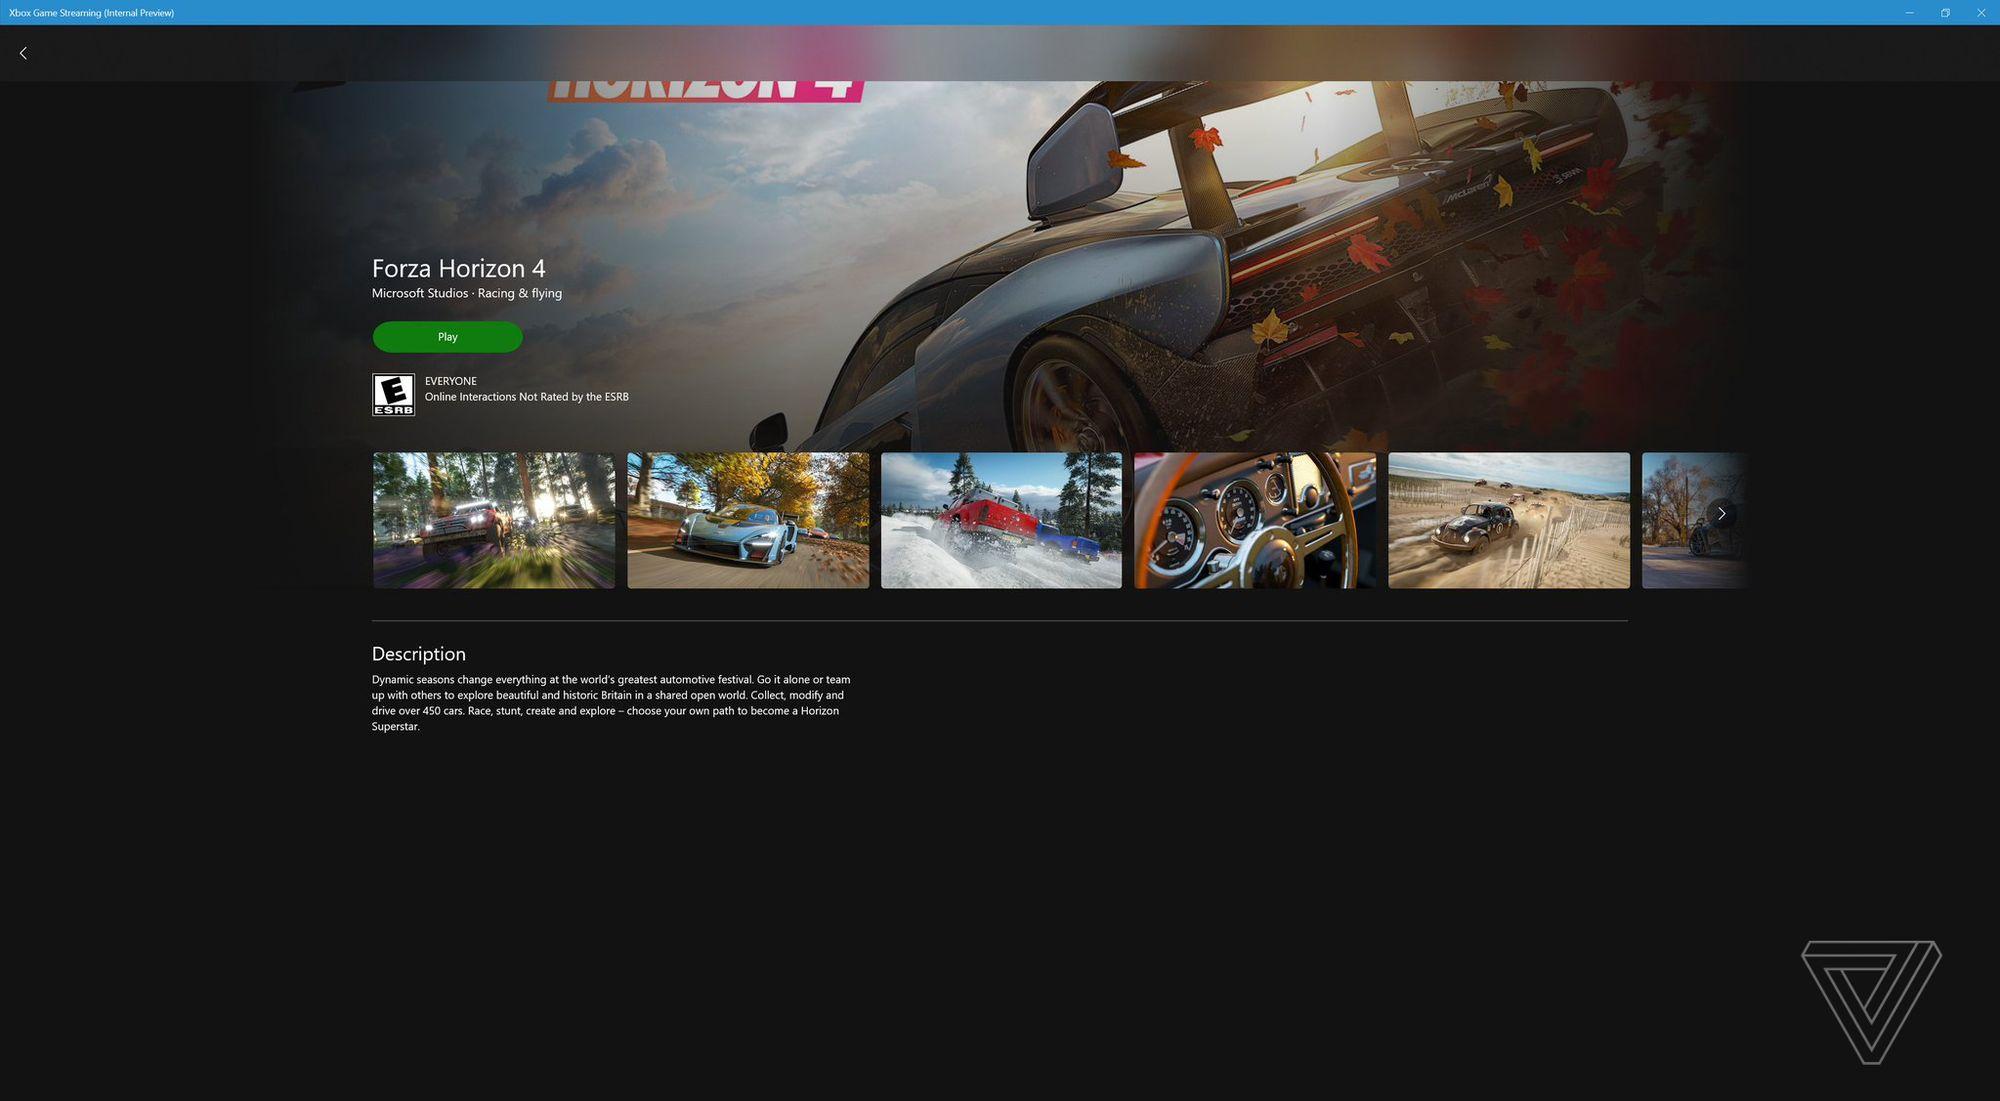 Proyekto xCloud para sa mga screenshot ng PC na tumutulo 4